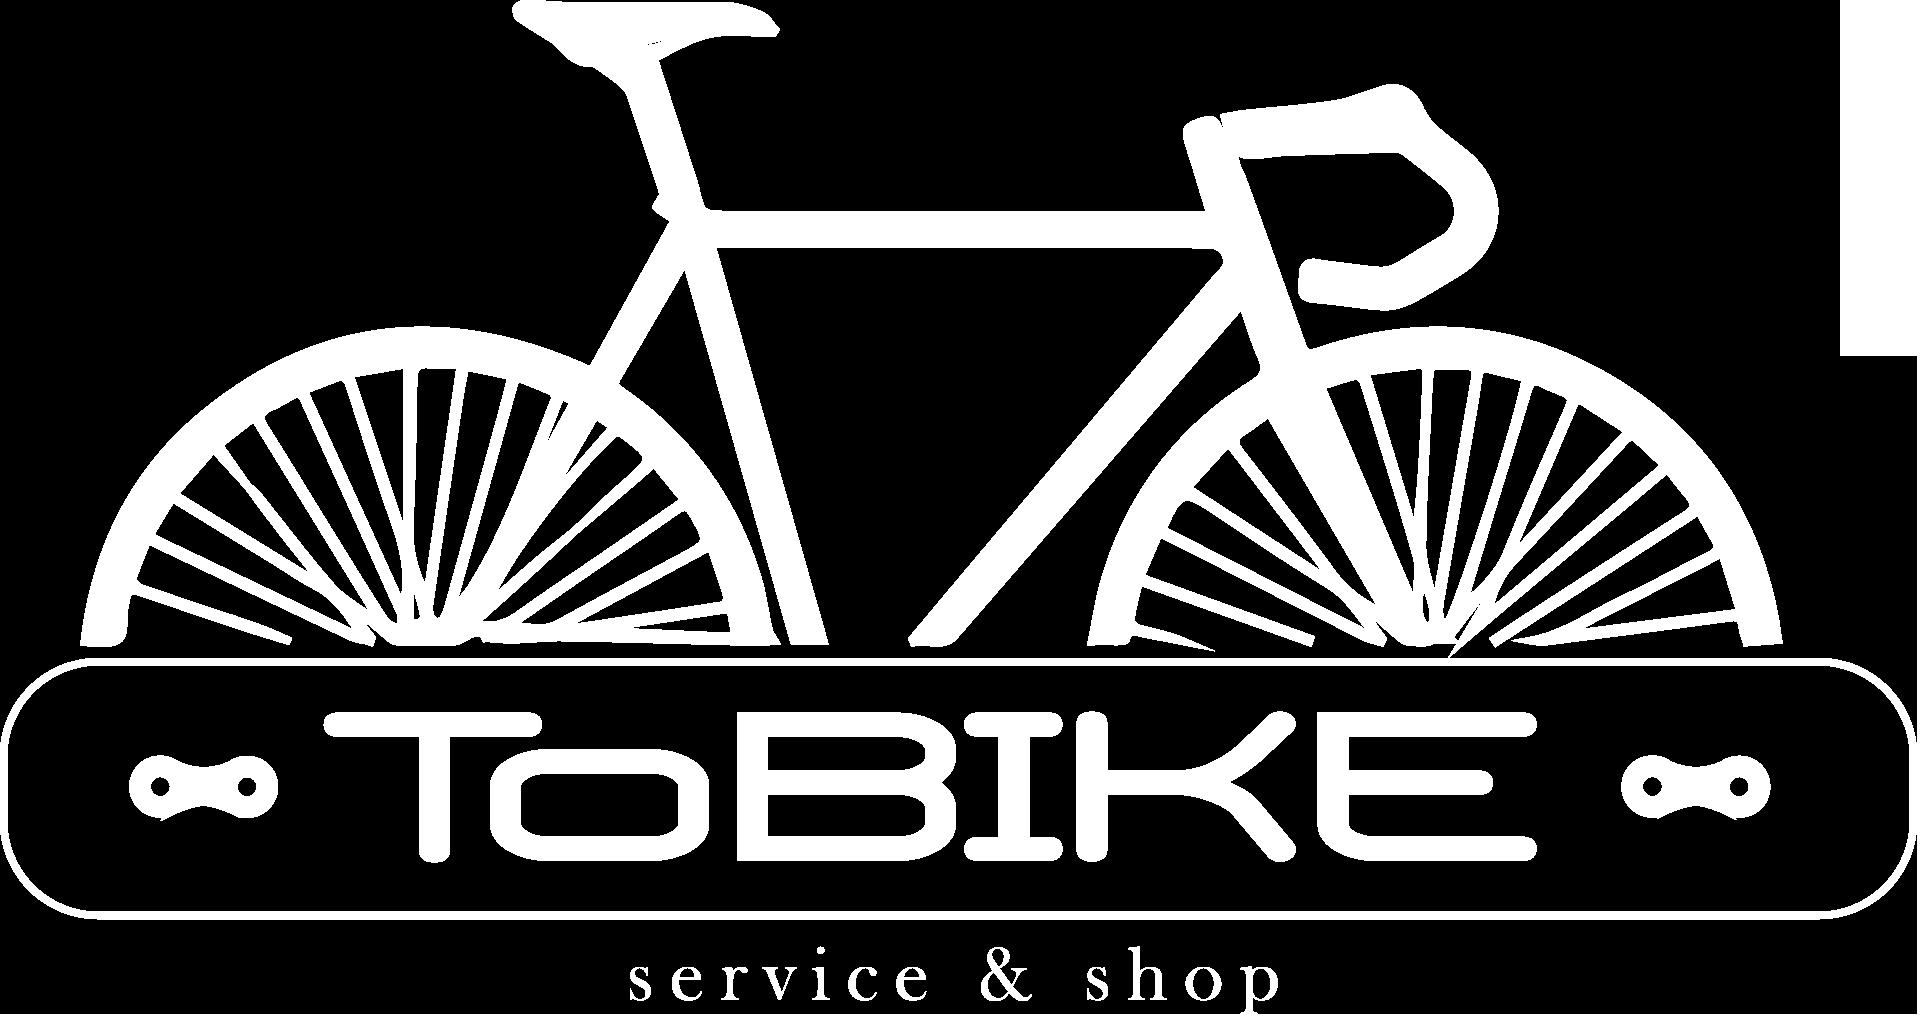 ToBikeClub